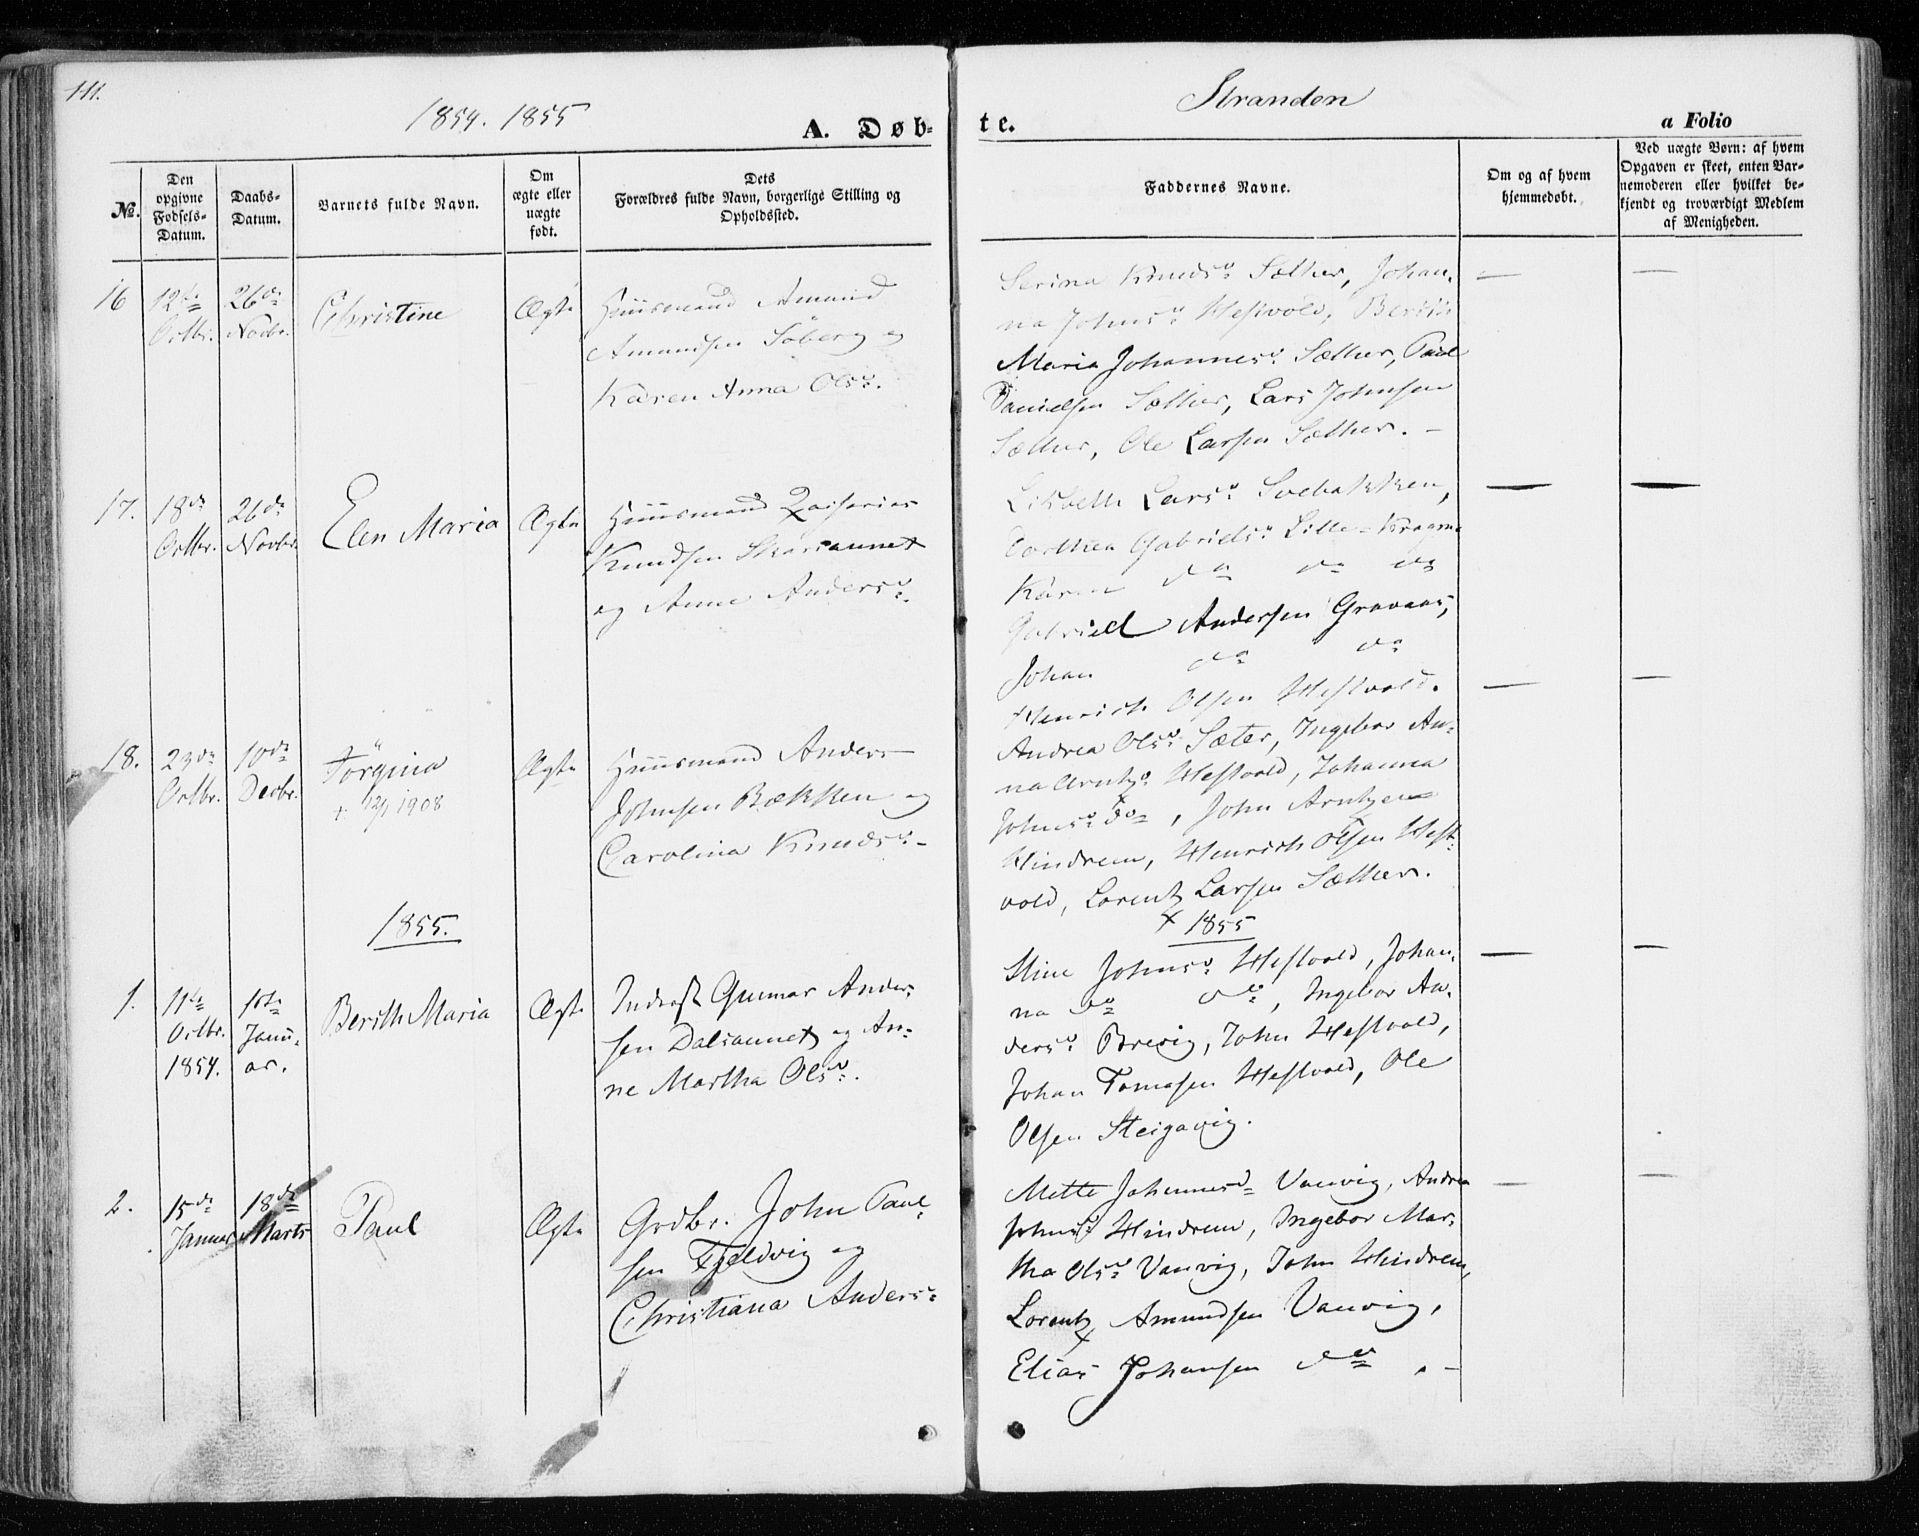 SAT, Ministerialprotokoller, klokkerbøker og fødselsregistre - Nord-Trøndelag, 701/L0008: Ministerialbok nr. 701A08 /2, 1854-1863, s. 111